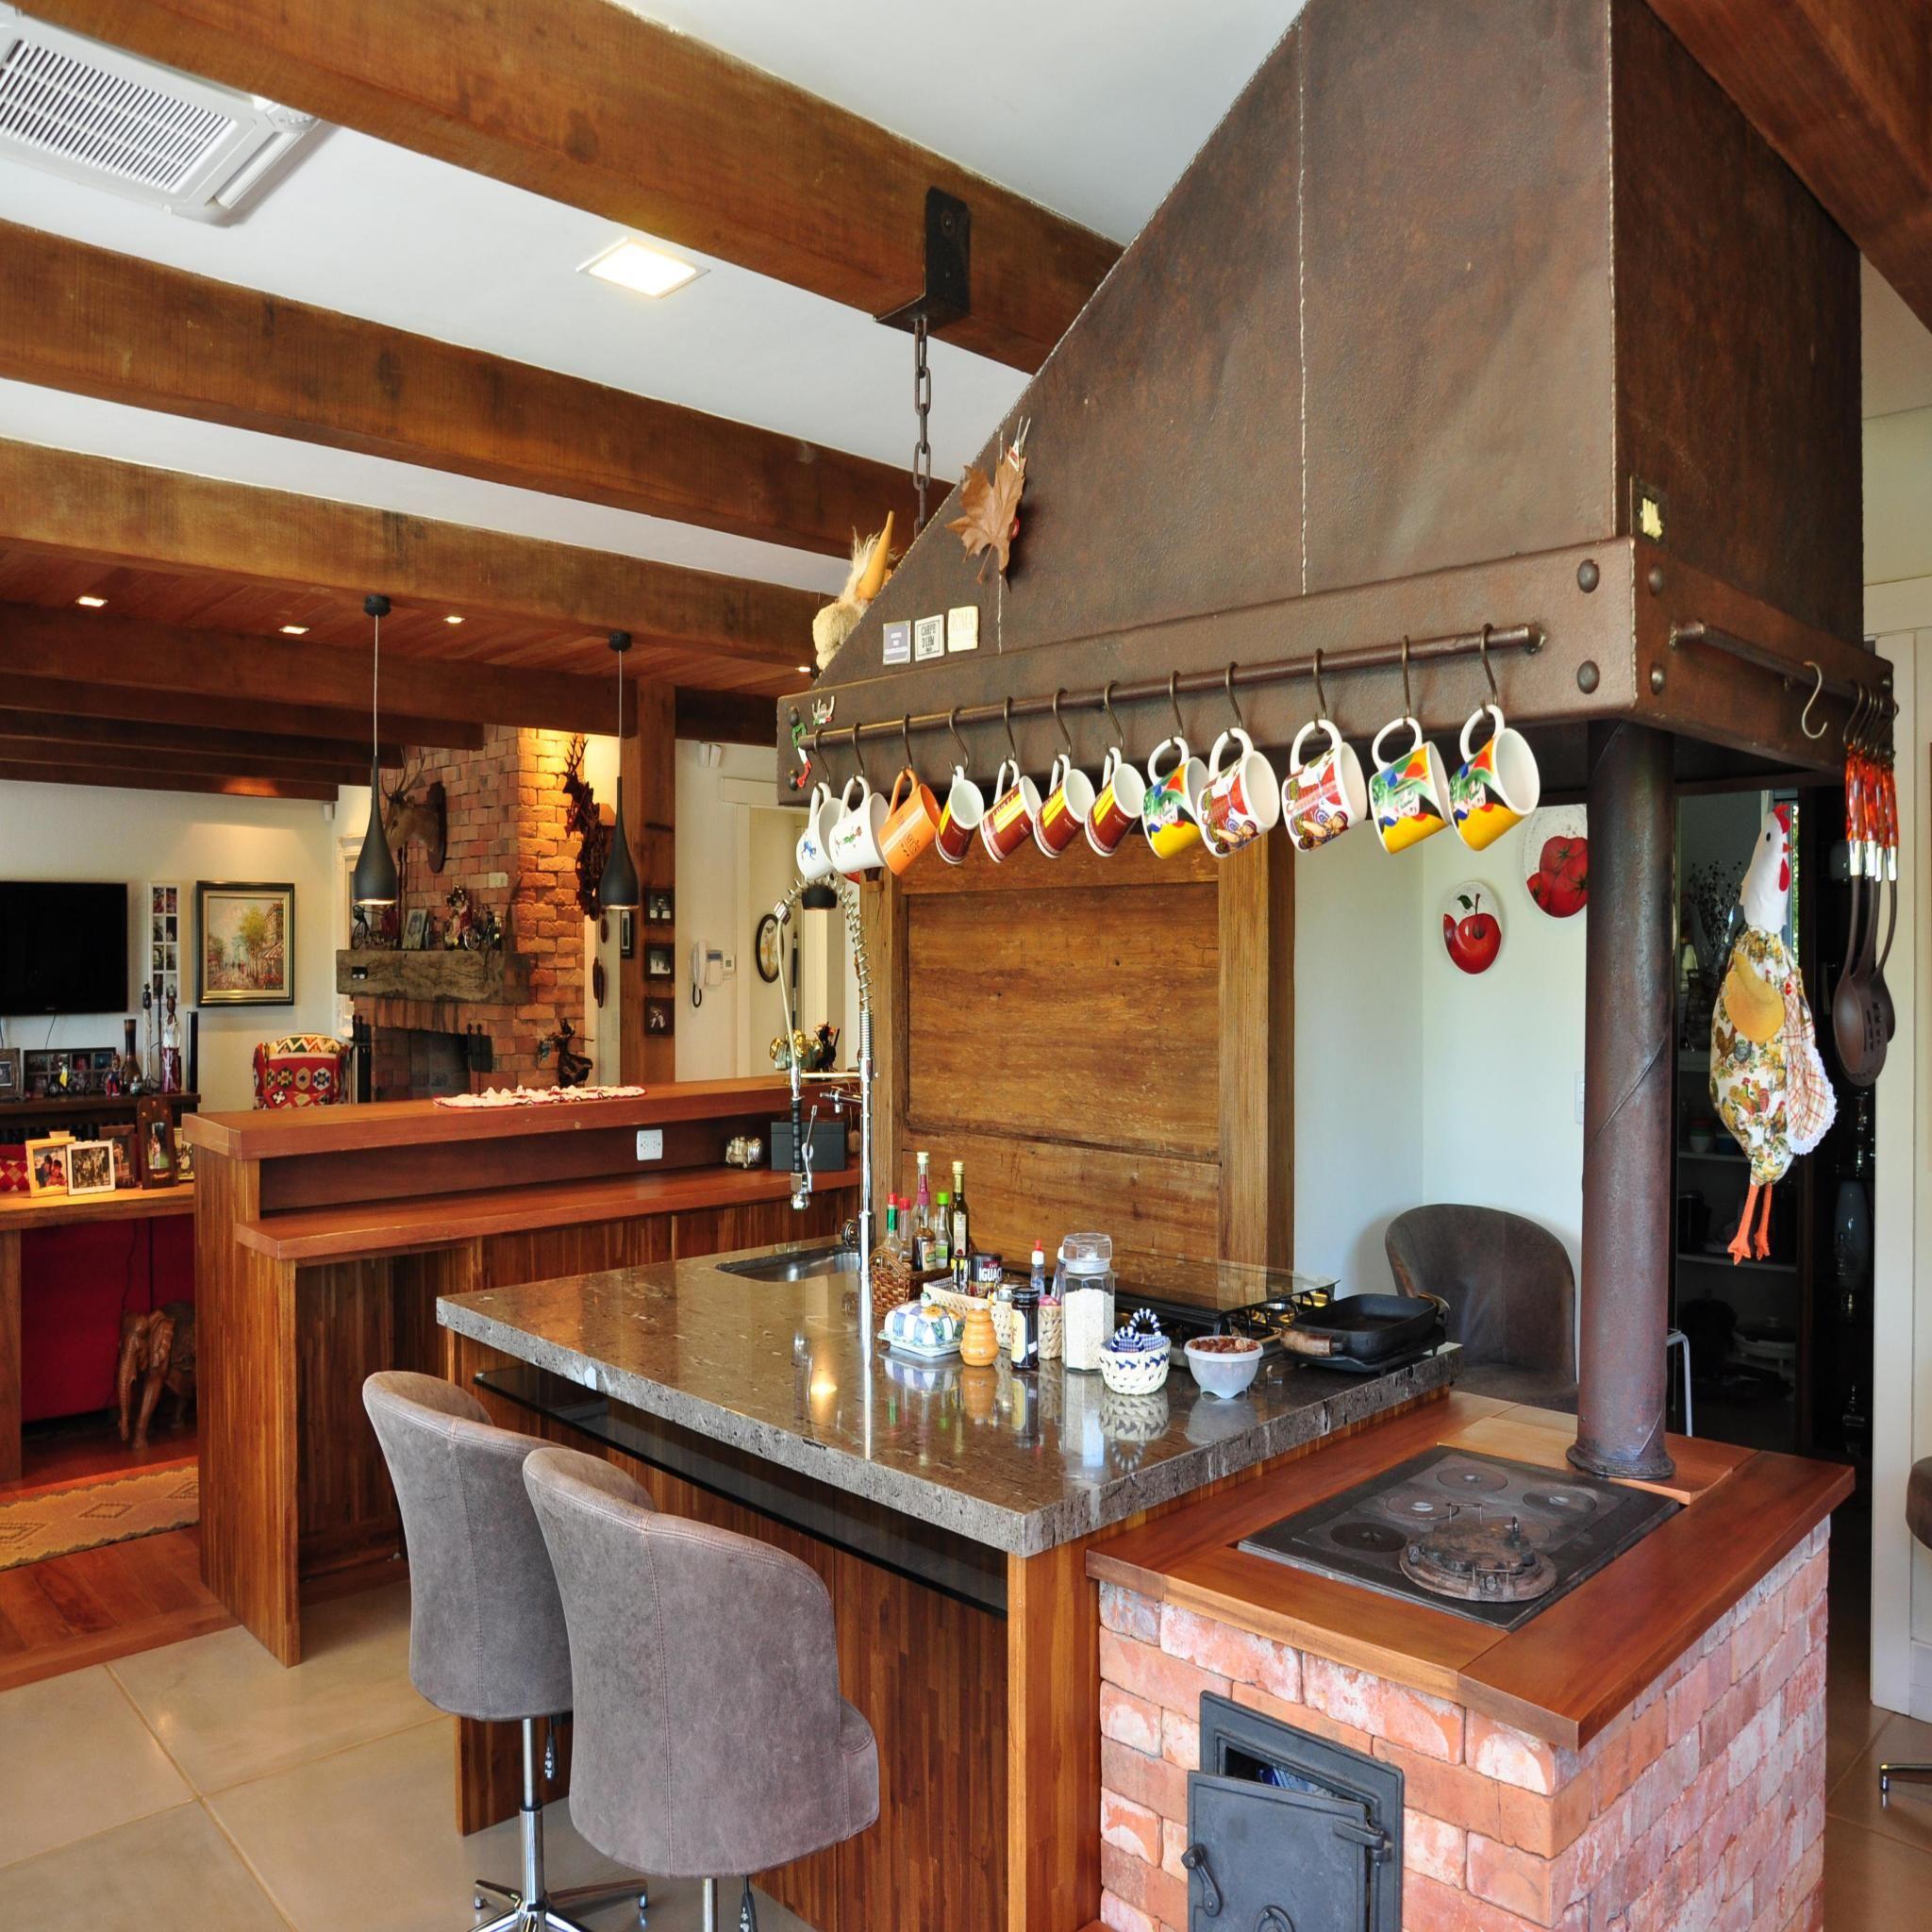 Cozinha De Fazenda Com Fogao A Lenha Pesquisa Google Casa Dos